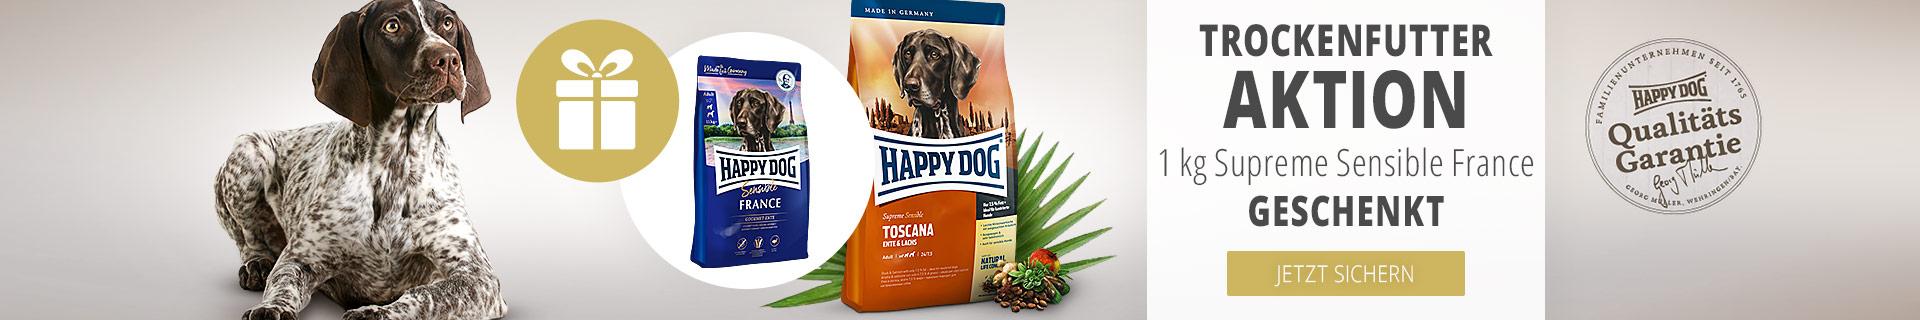 Trockenfutter-Aktion: 1kg Happy Dog geschenkt